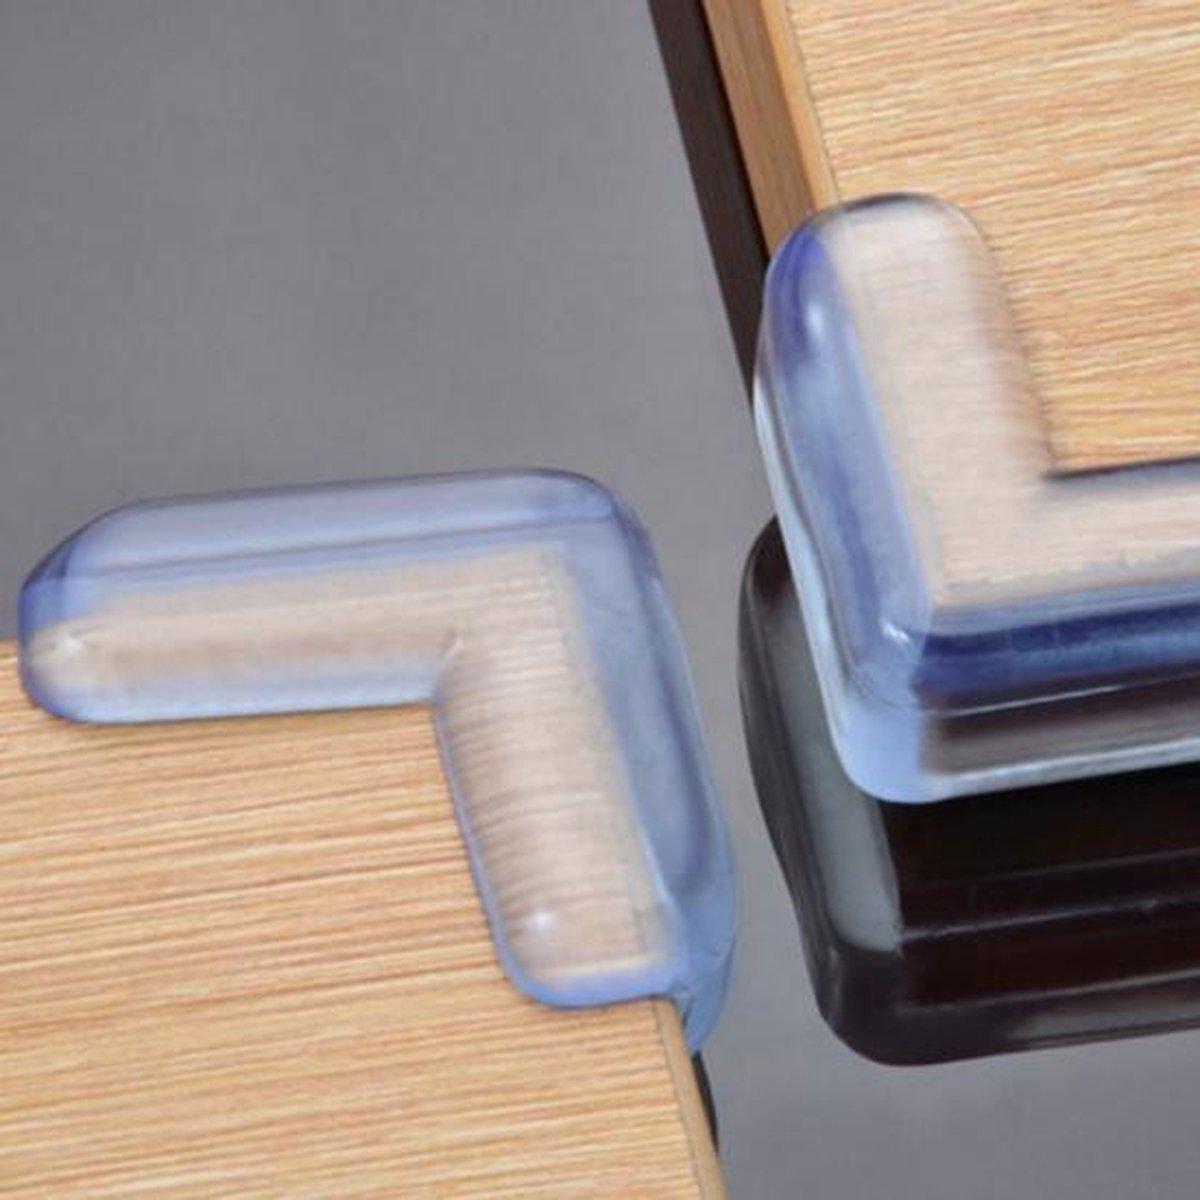 Hoekbeschermers | Transparant | 8 Stuks ( 2 x 4 stuks) | voor Baby of kind | Optimale veiligheid